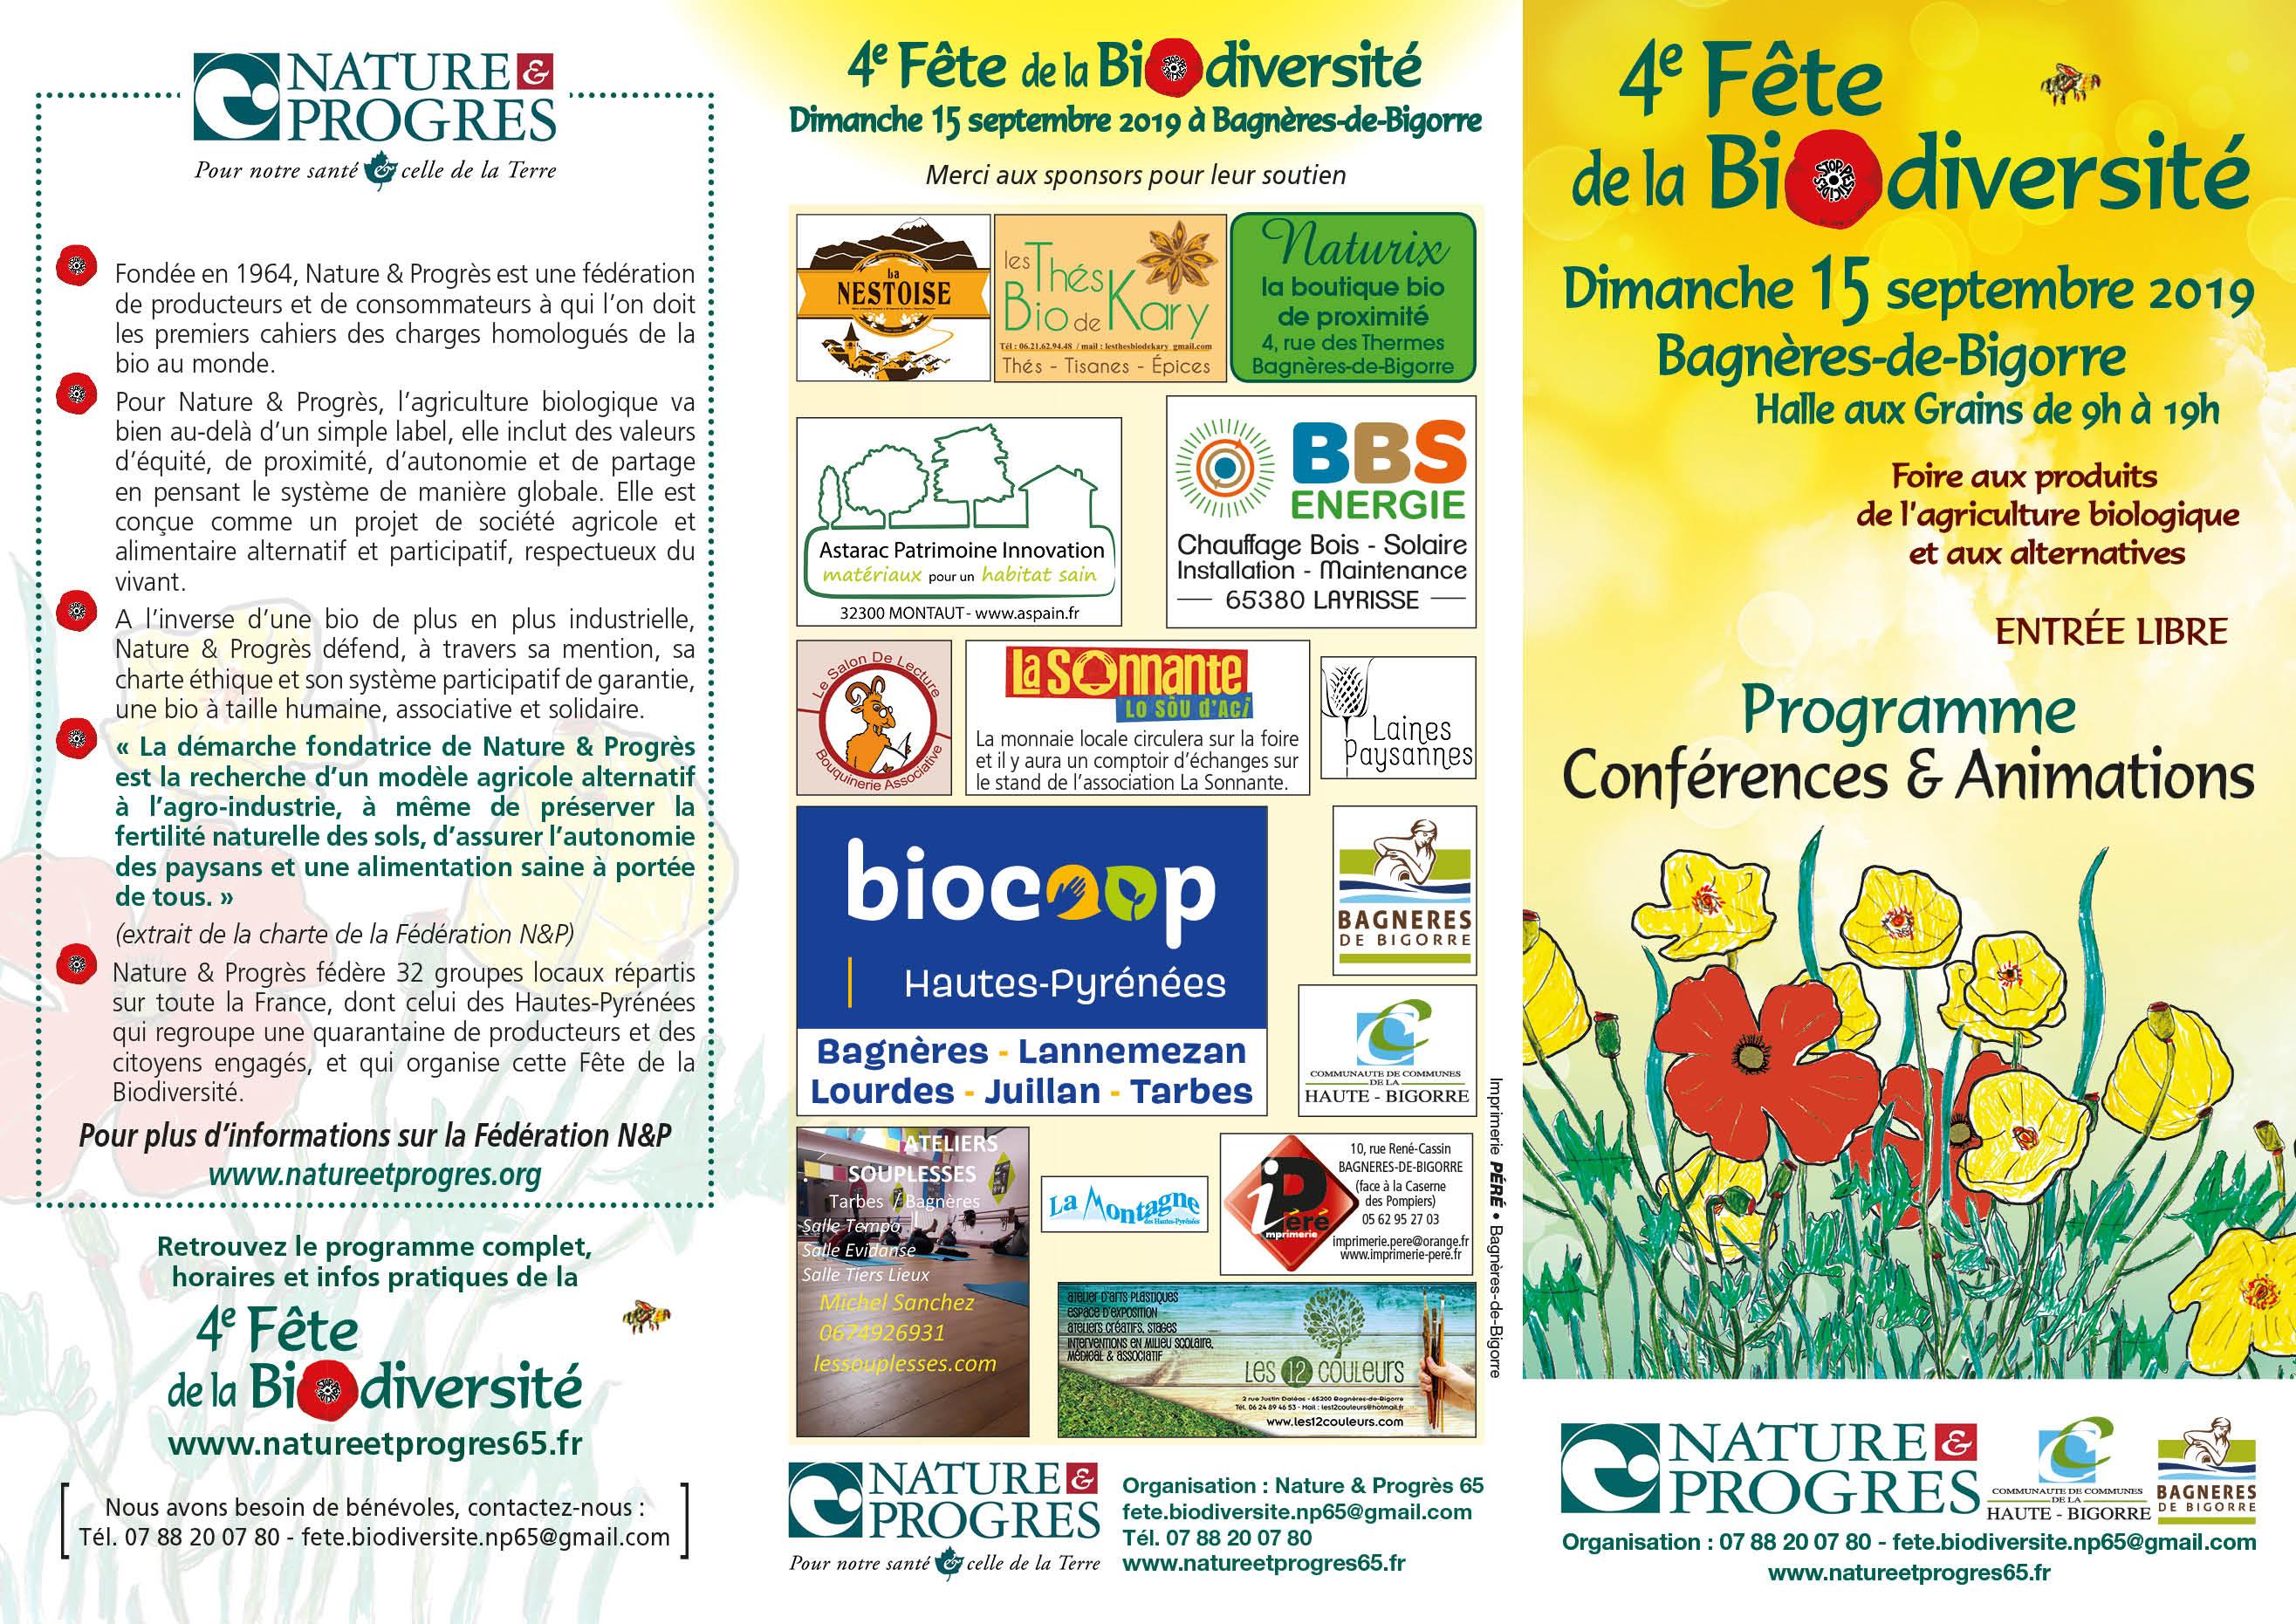 4ème Fête de la Biodiversité